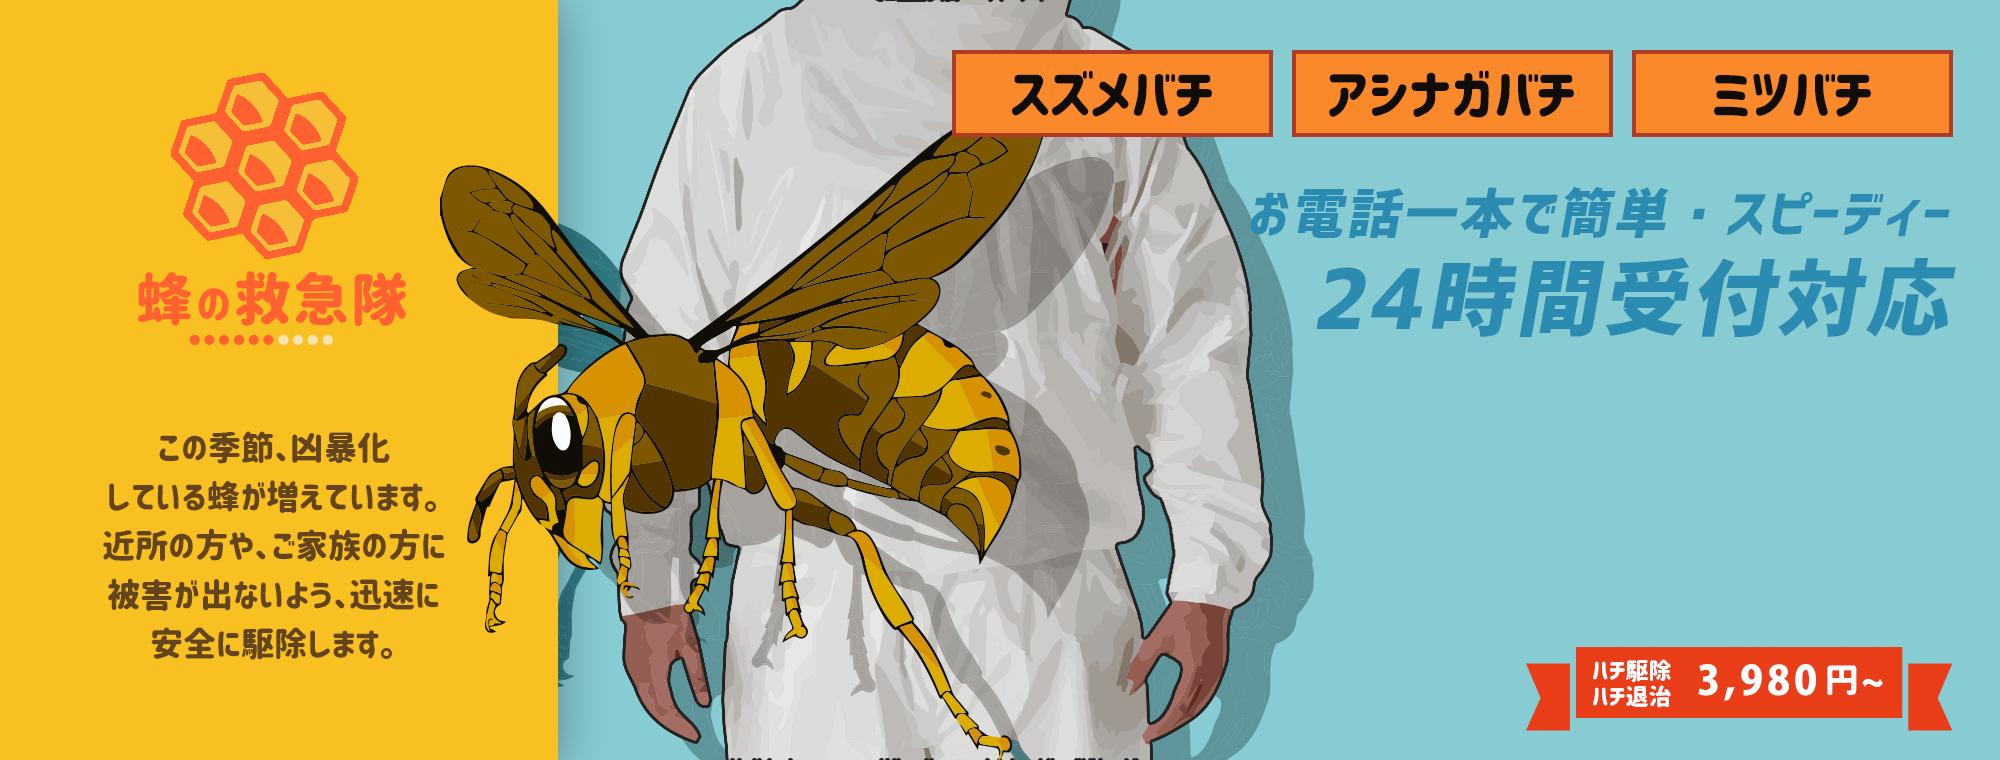 24時間受付対応!スズメバチ・アシナガバチ・ミツバチを安全に駆除します。